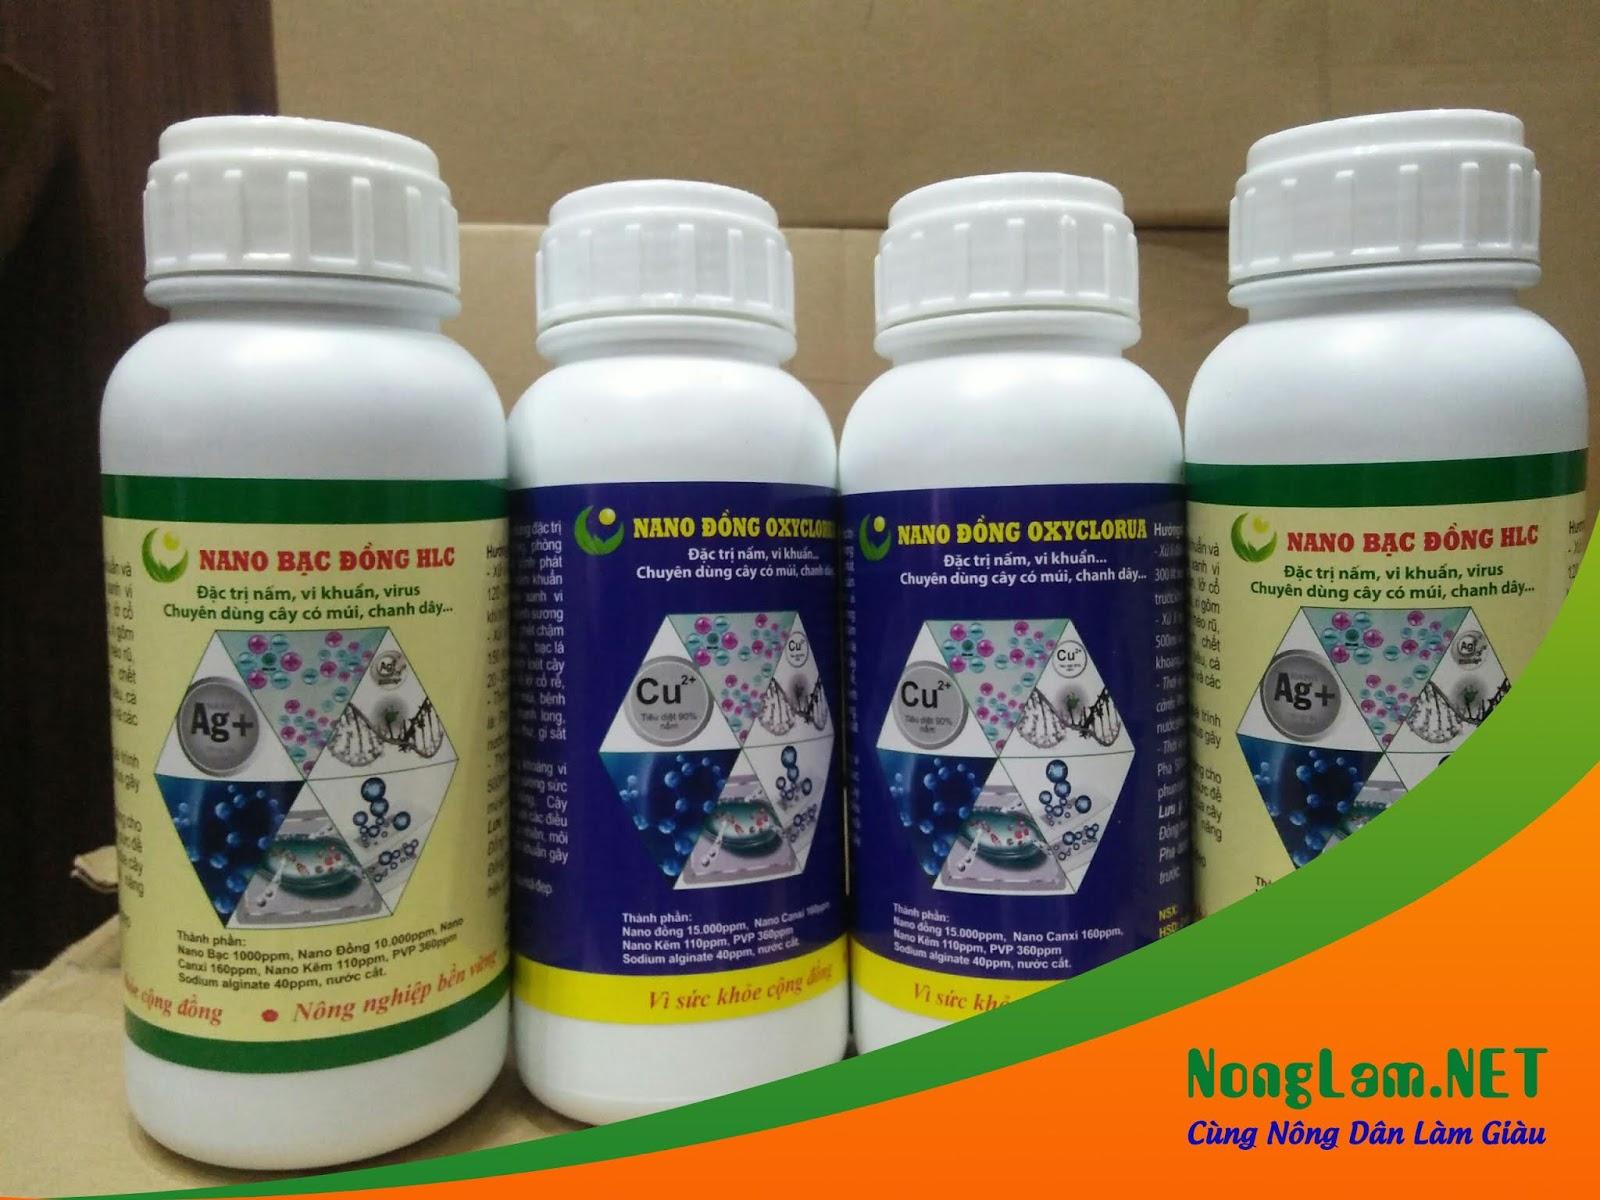 Nano Bạc Đồng HLC